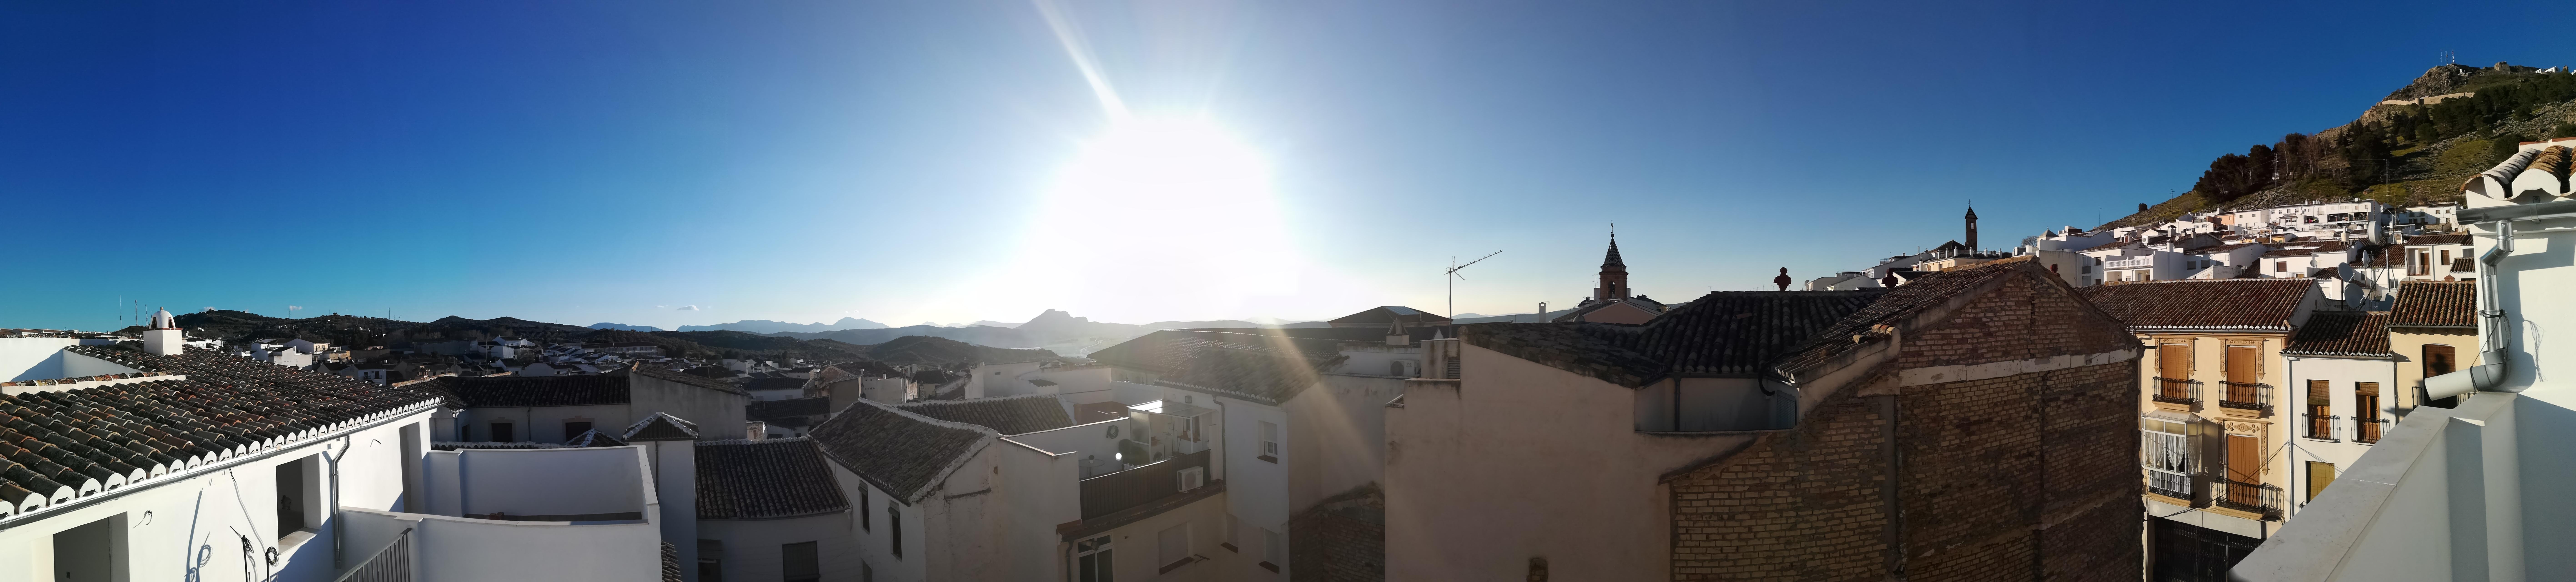 Cerro, Santa Ana, Nazareno y Peña